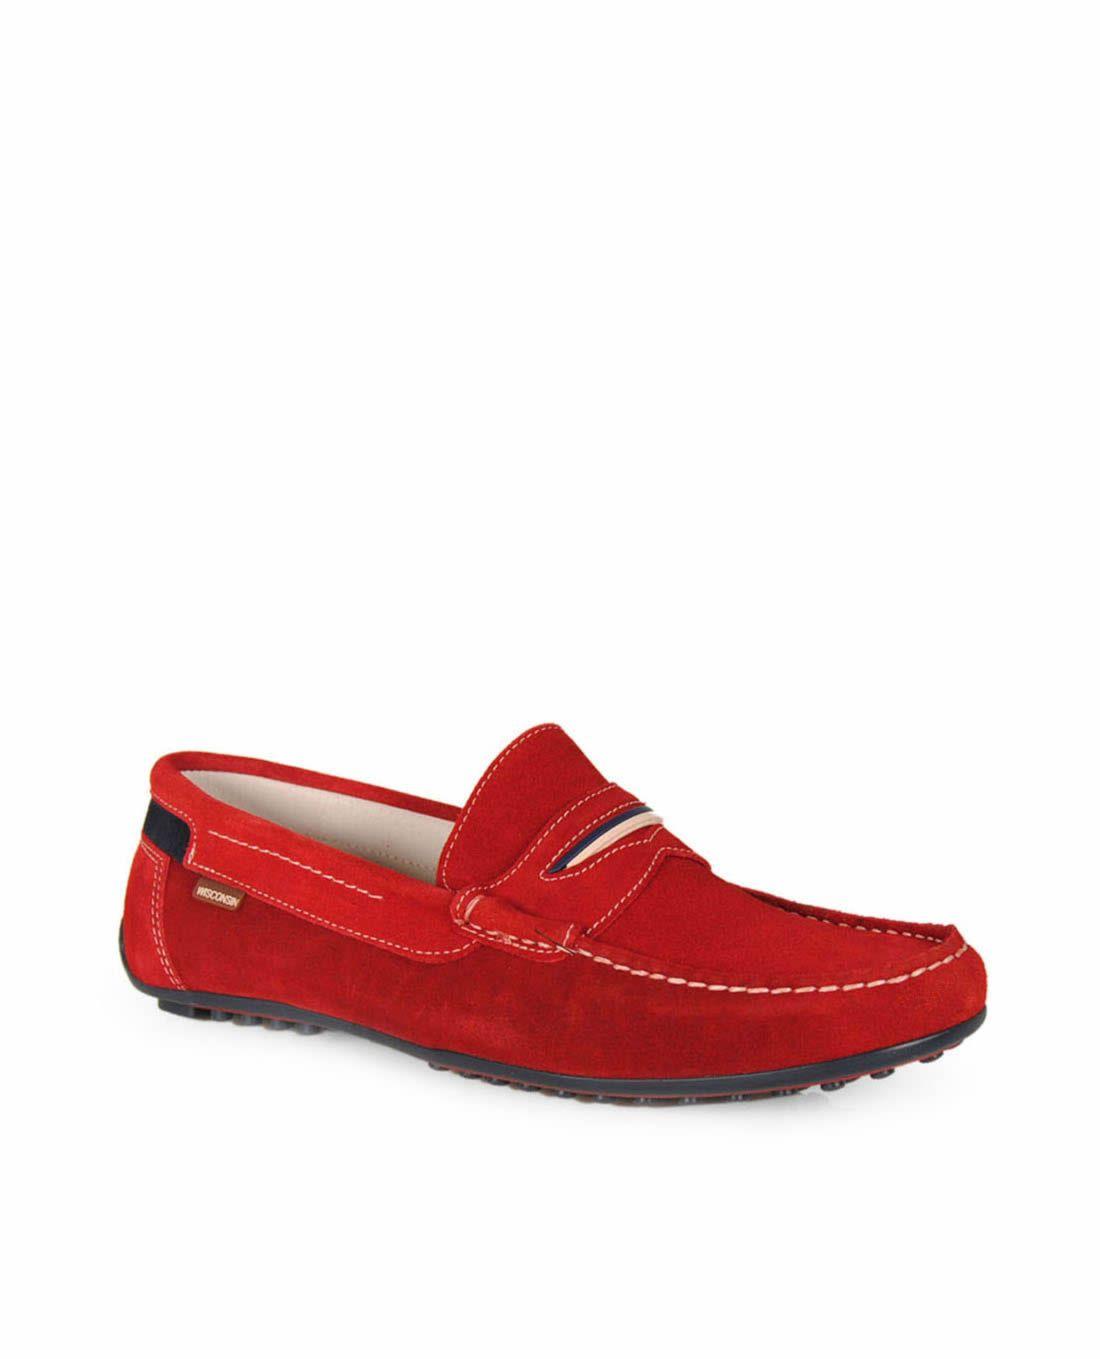 dea508ab Mocasines WISCONSIN rojo 2359 Mocasines Hombre, Zapatos Mocasines,  Punteado, Patrón De Zapato,